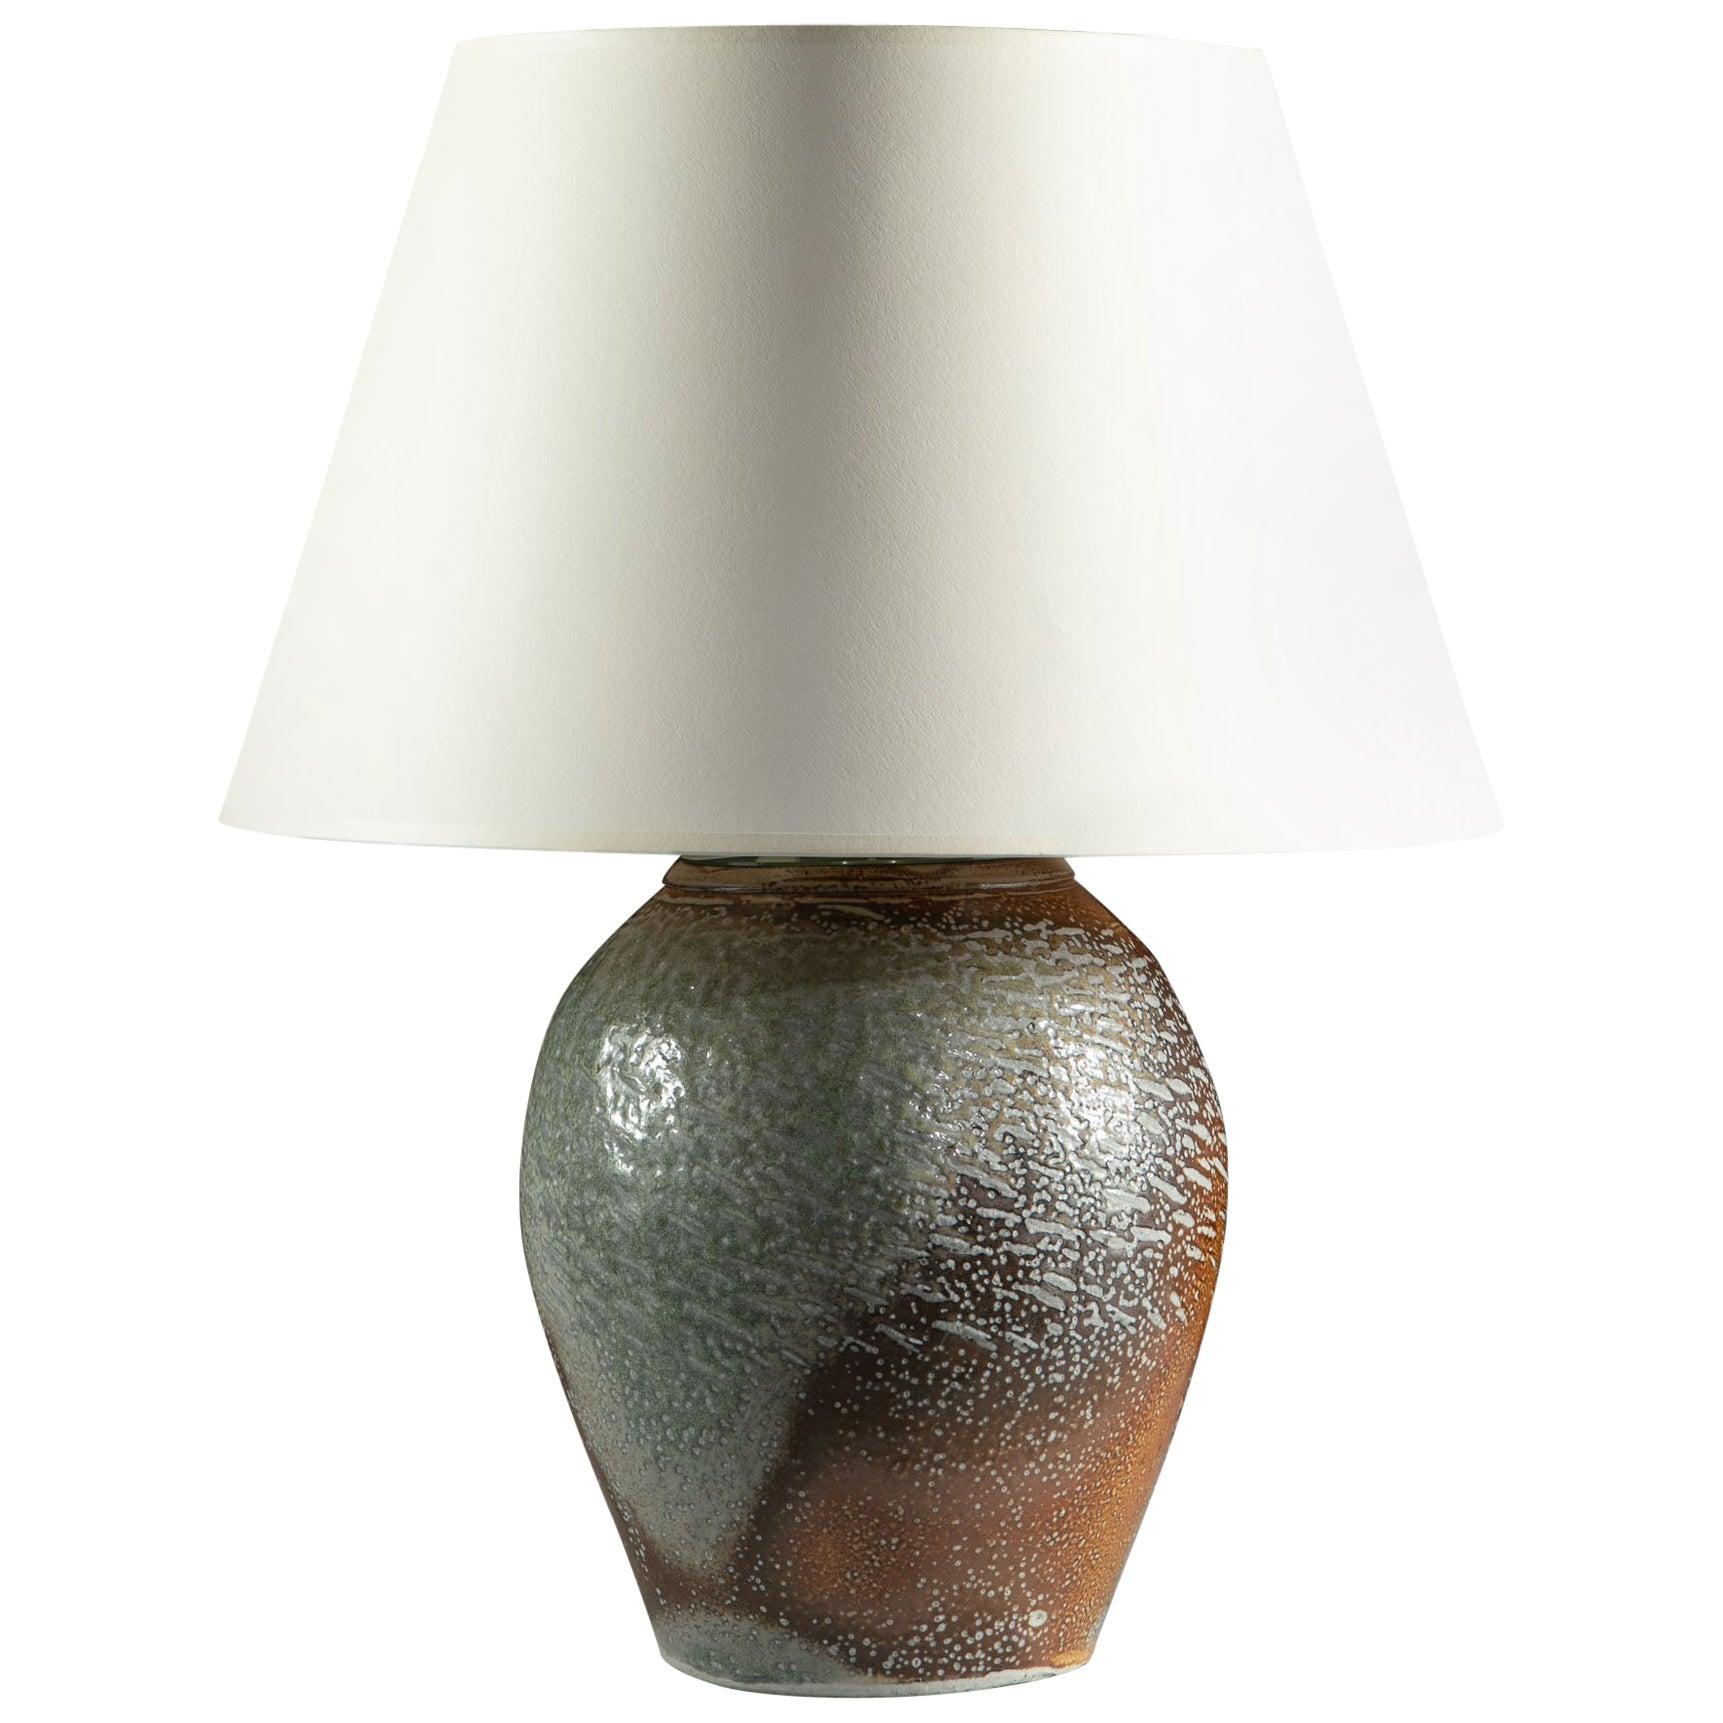 Salt Glazed Art Pottery Vase as a Lamp